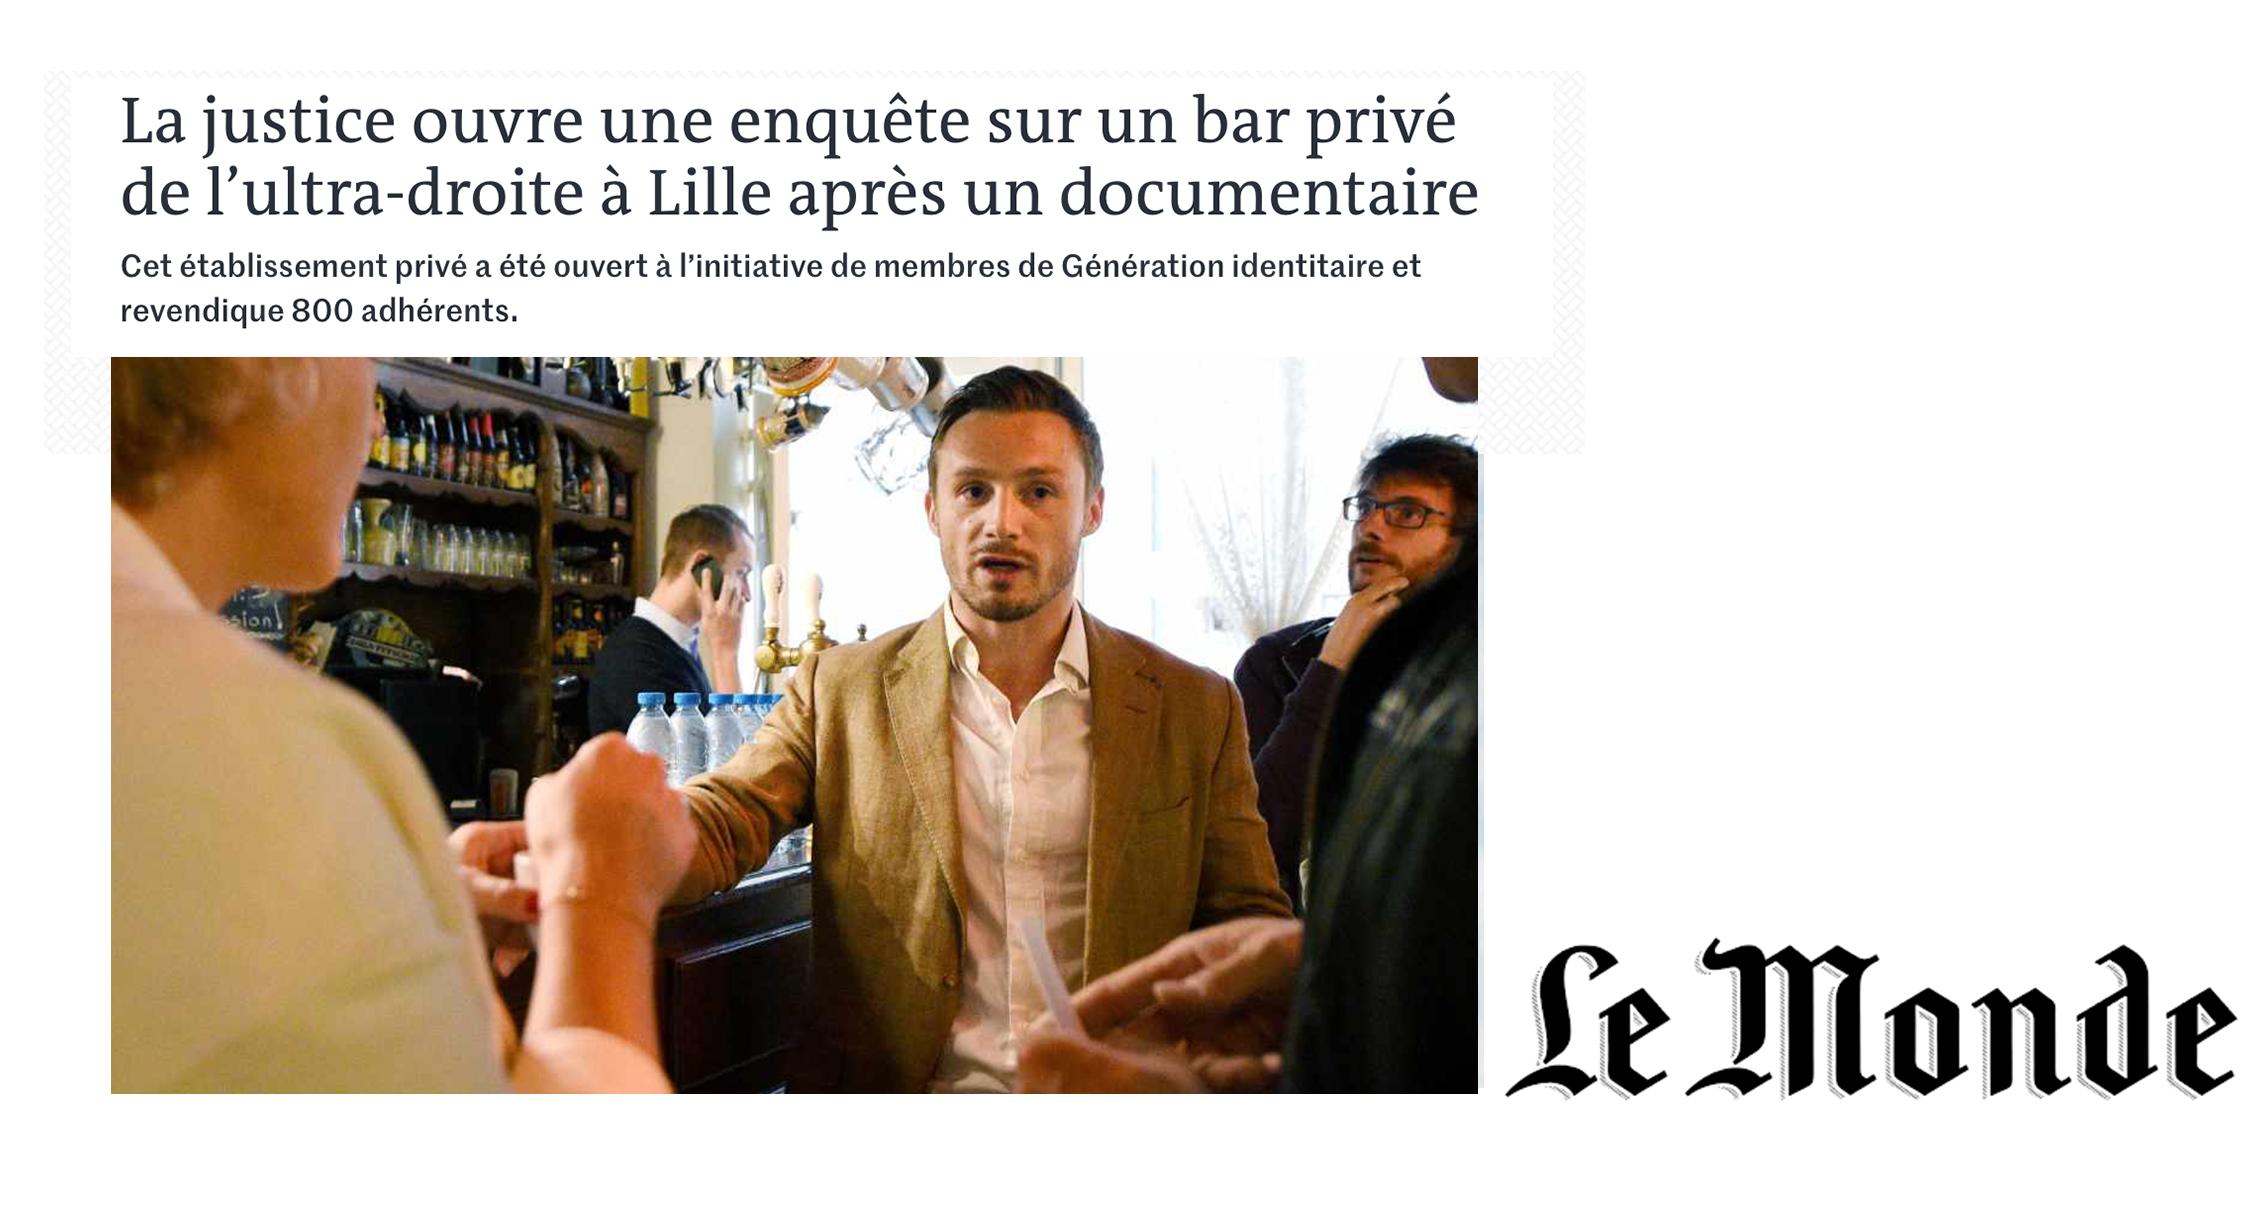 Le Monde: Prosecutors open investigation into far-right bar